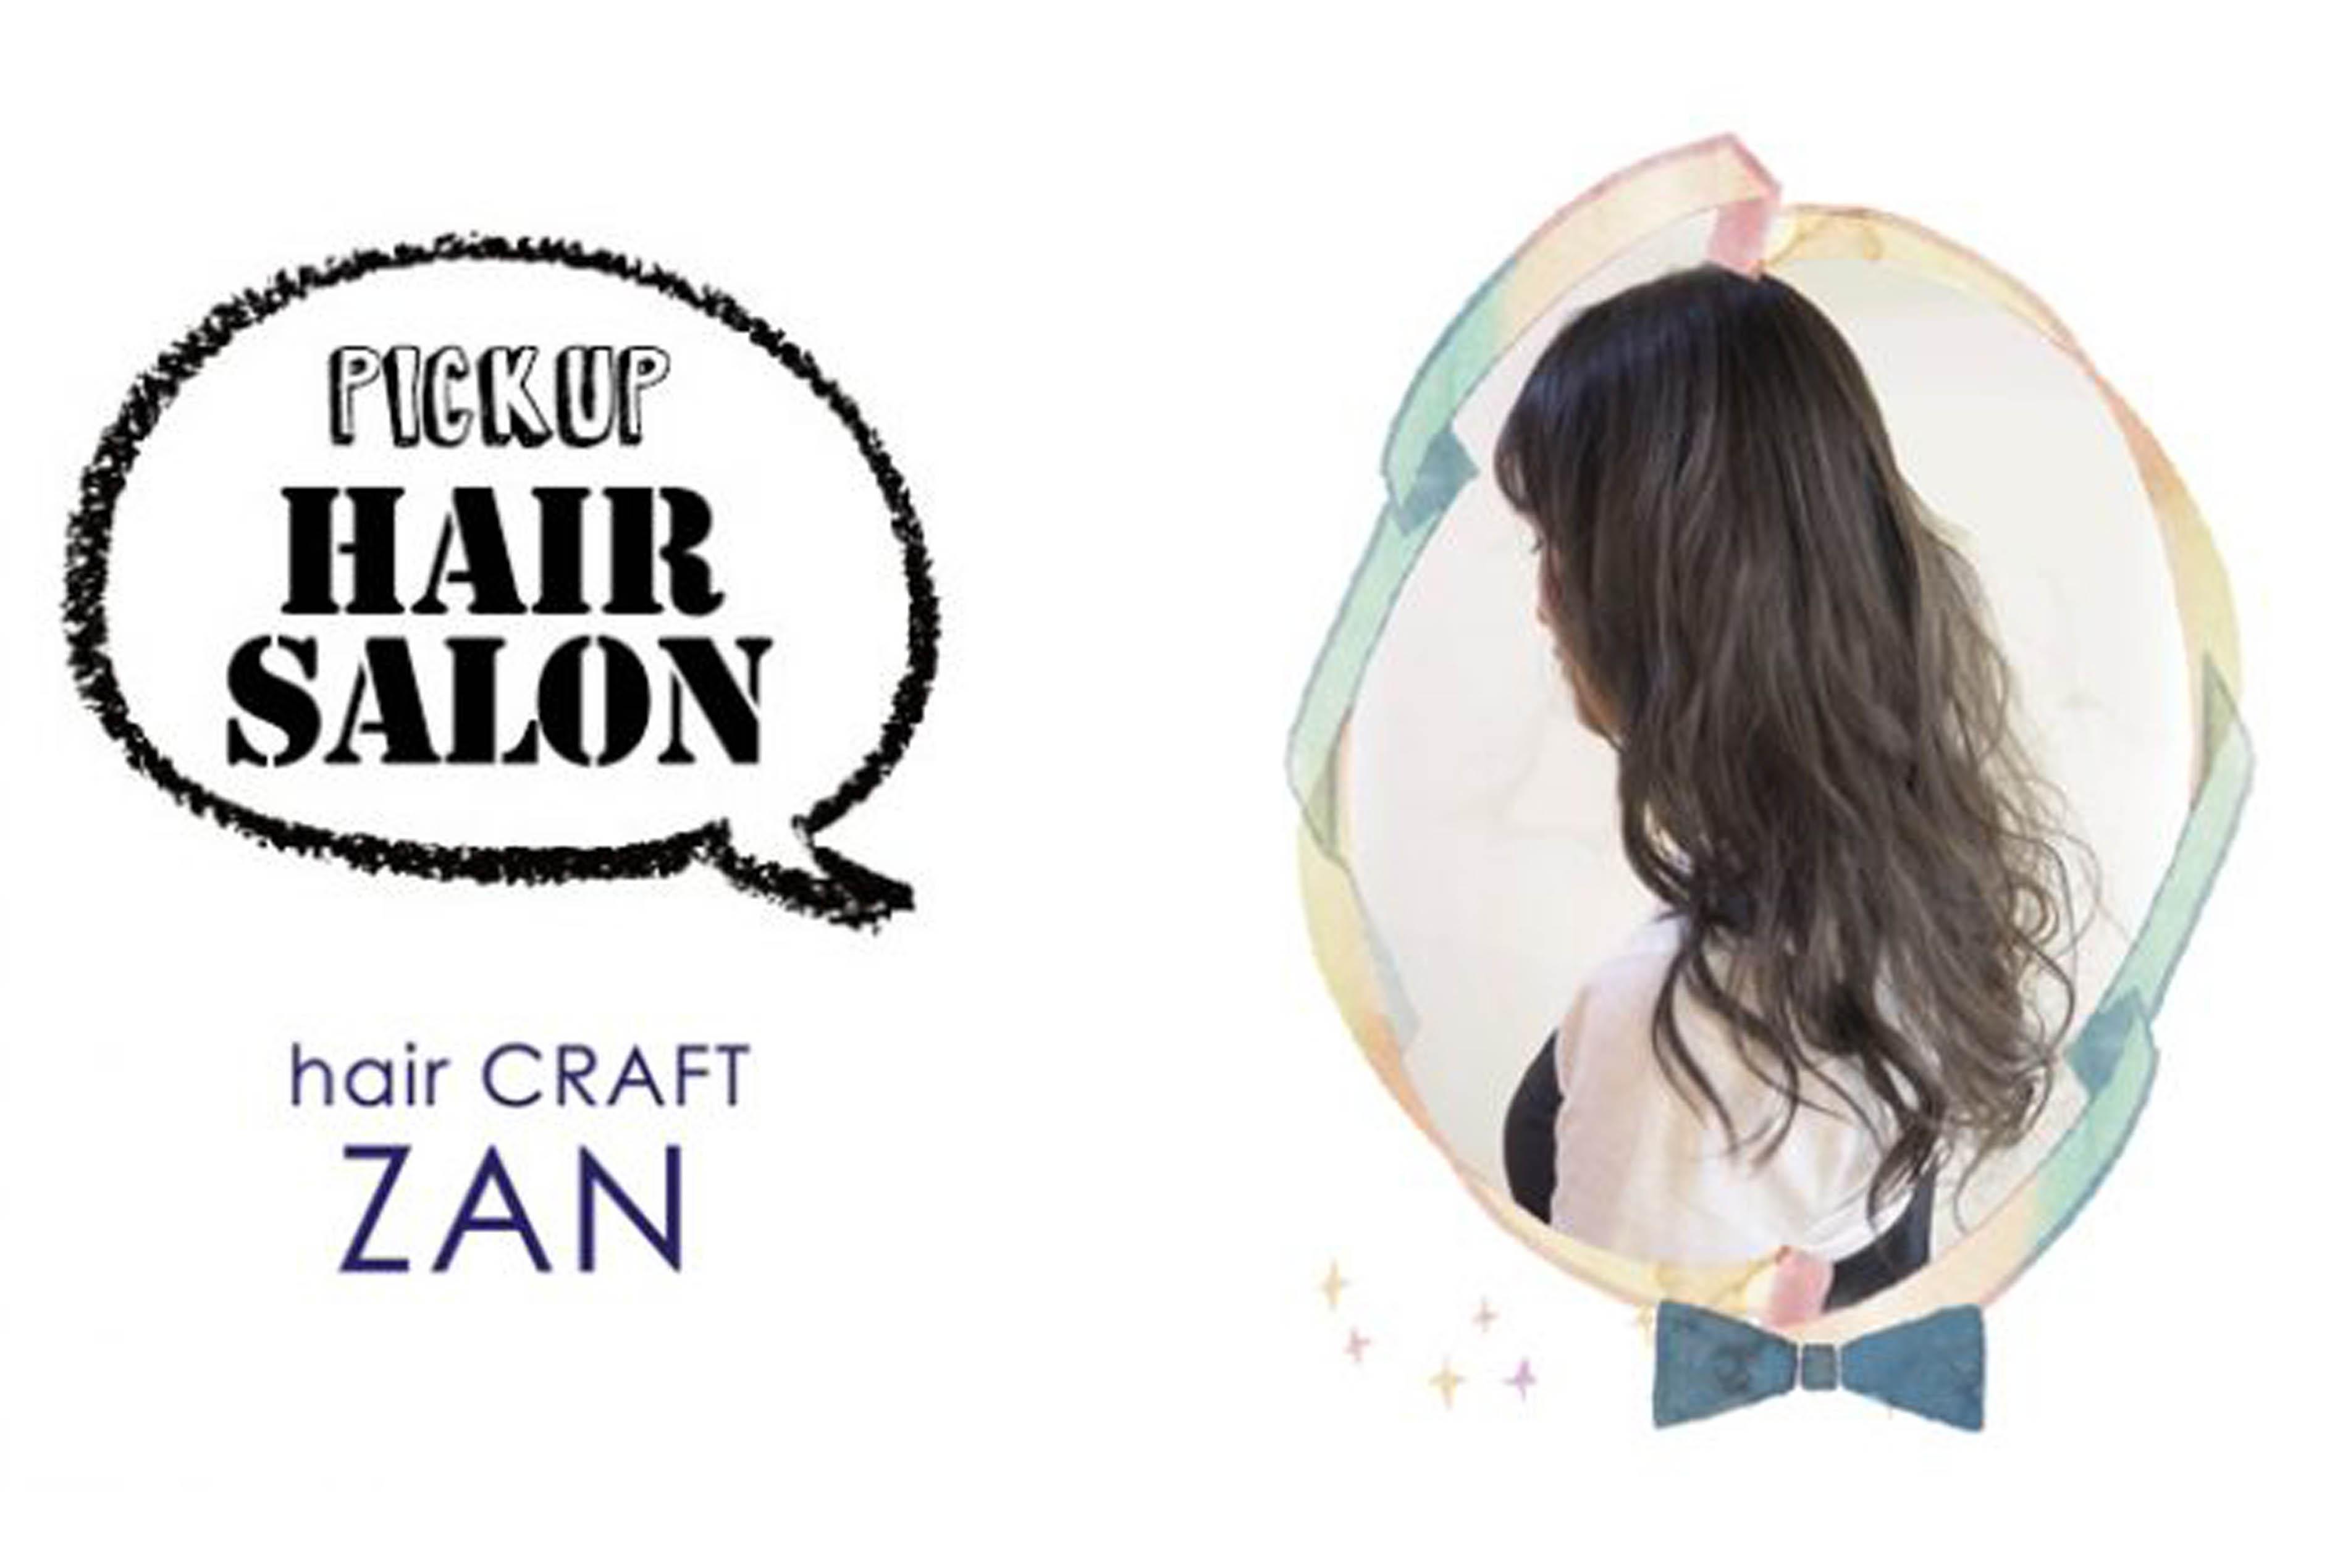 【PICK UP HAIR SALON】 HAIR CRAFT ZAN